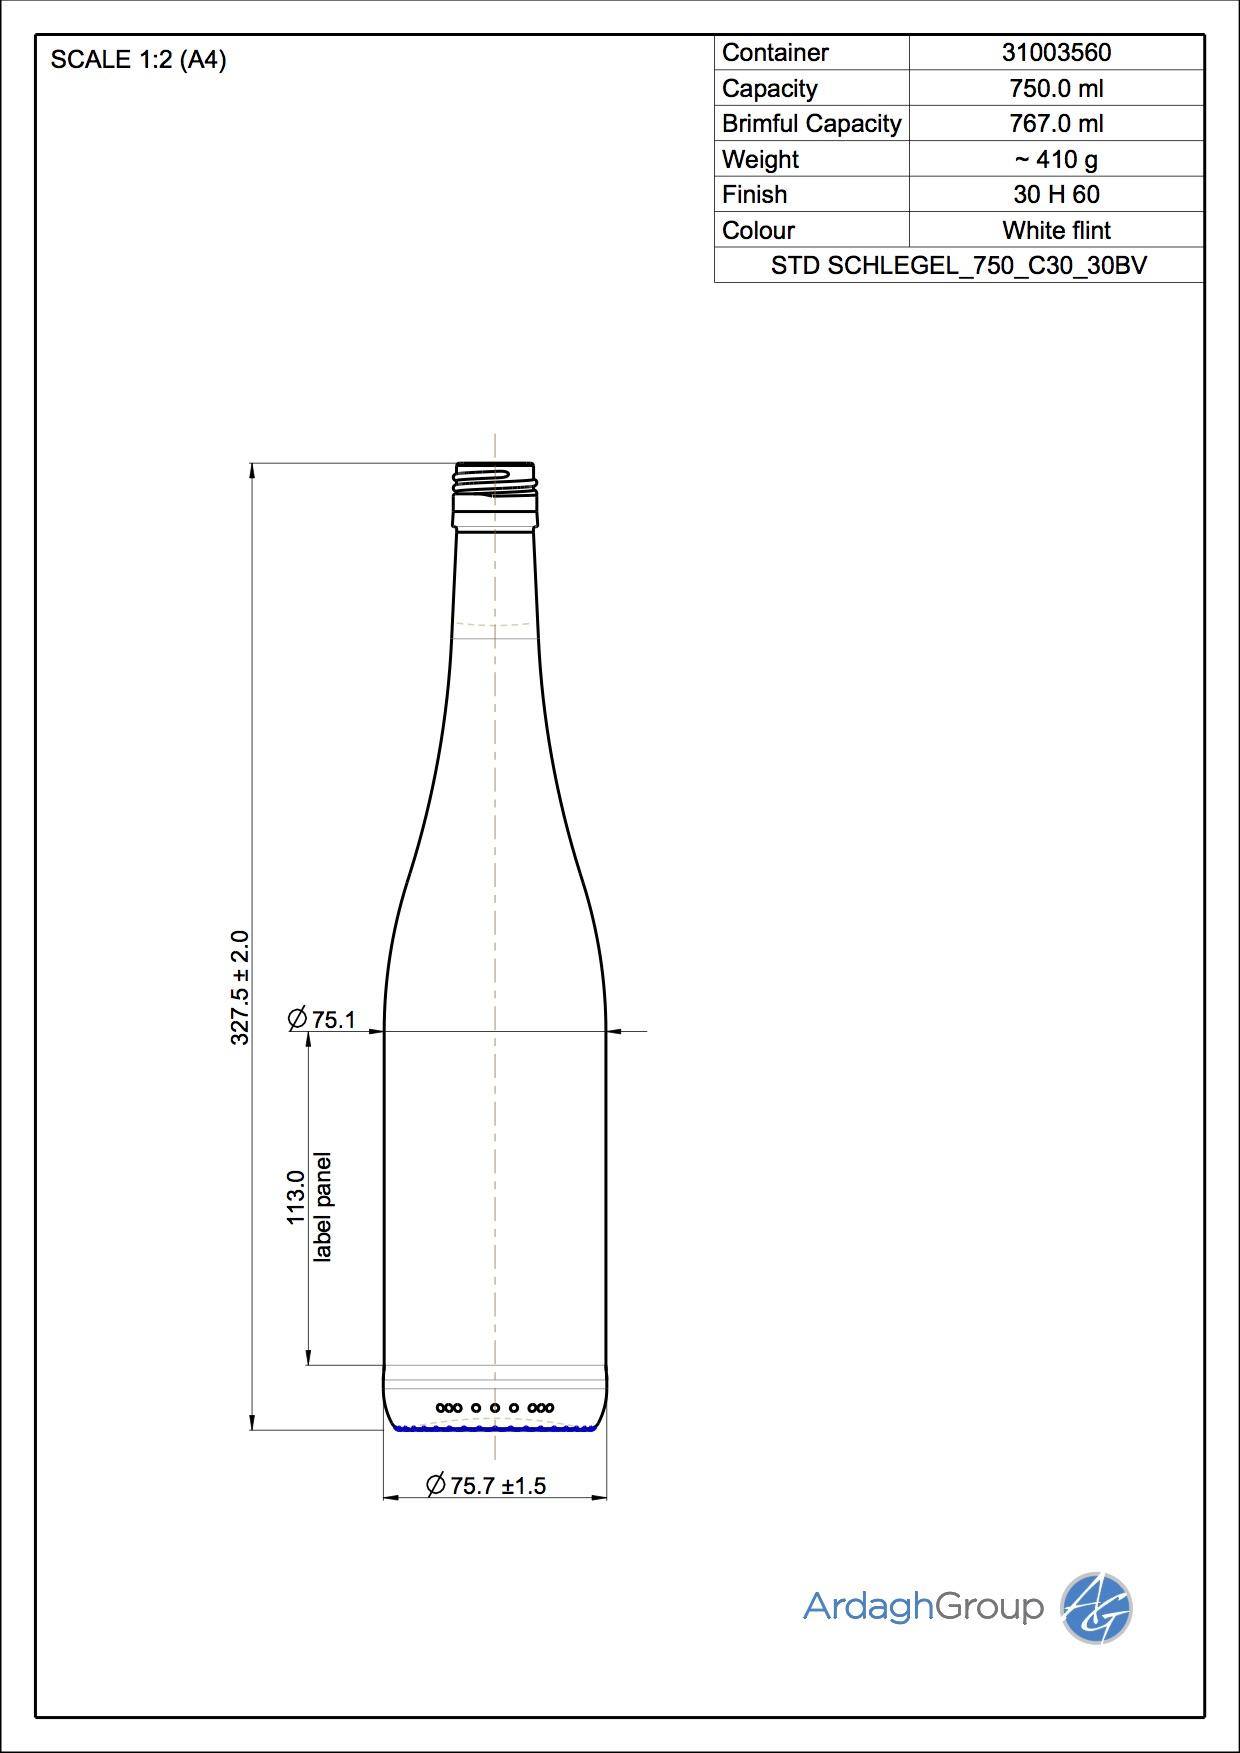 750ml flint glass Schlegel oneway wine bottle